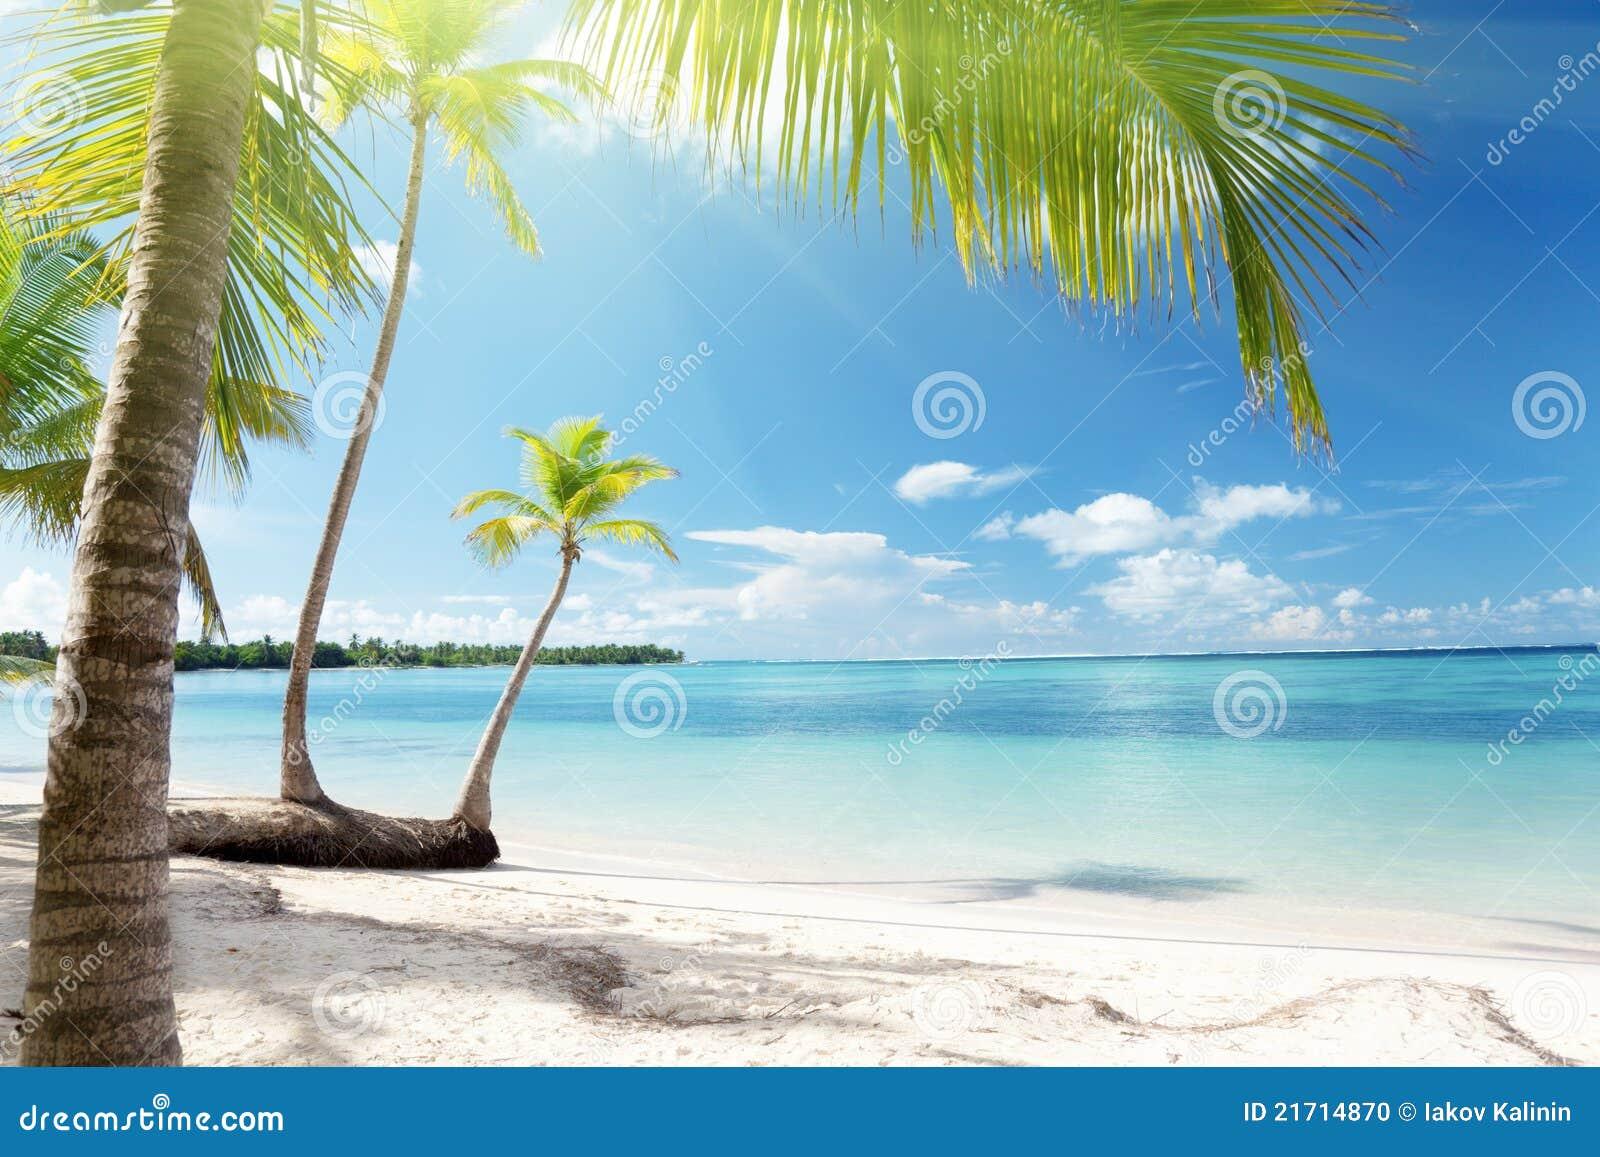 Caraïbische overzees en palmen